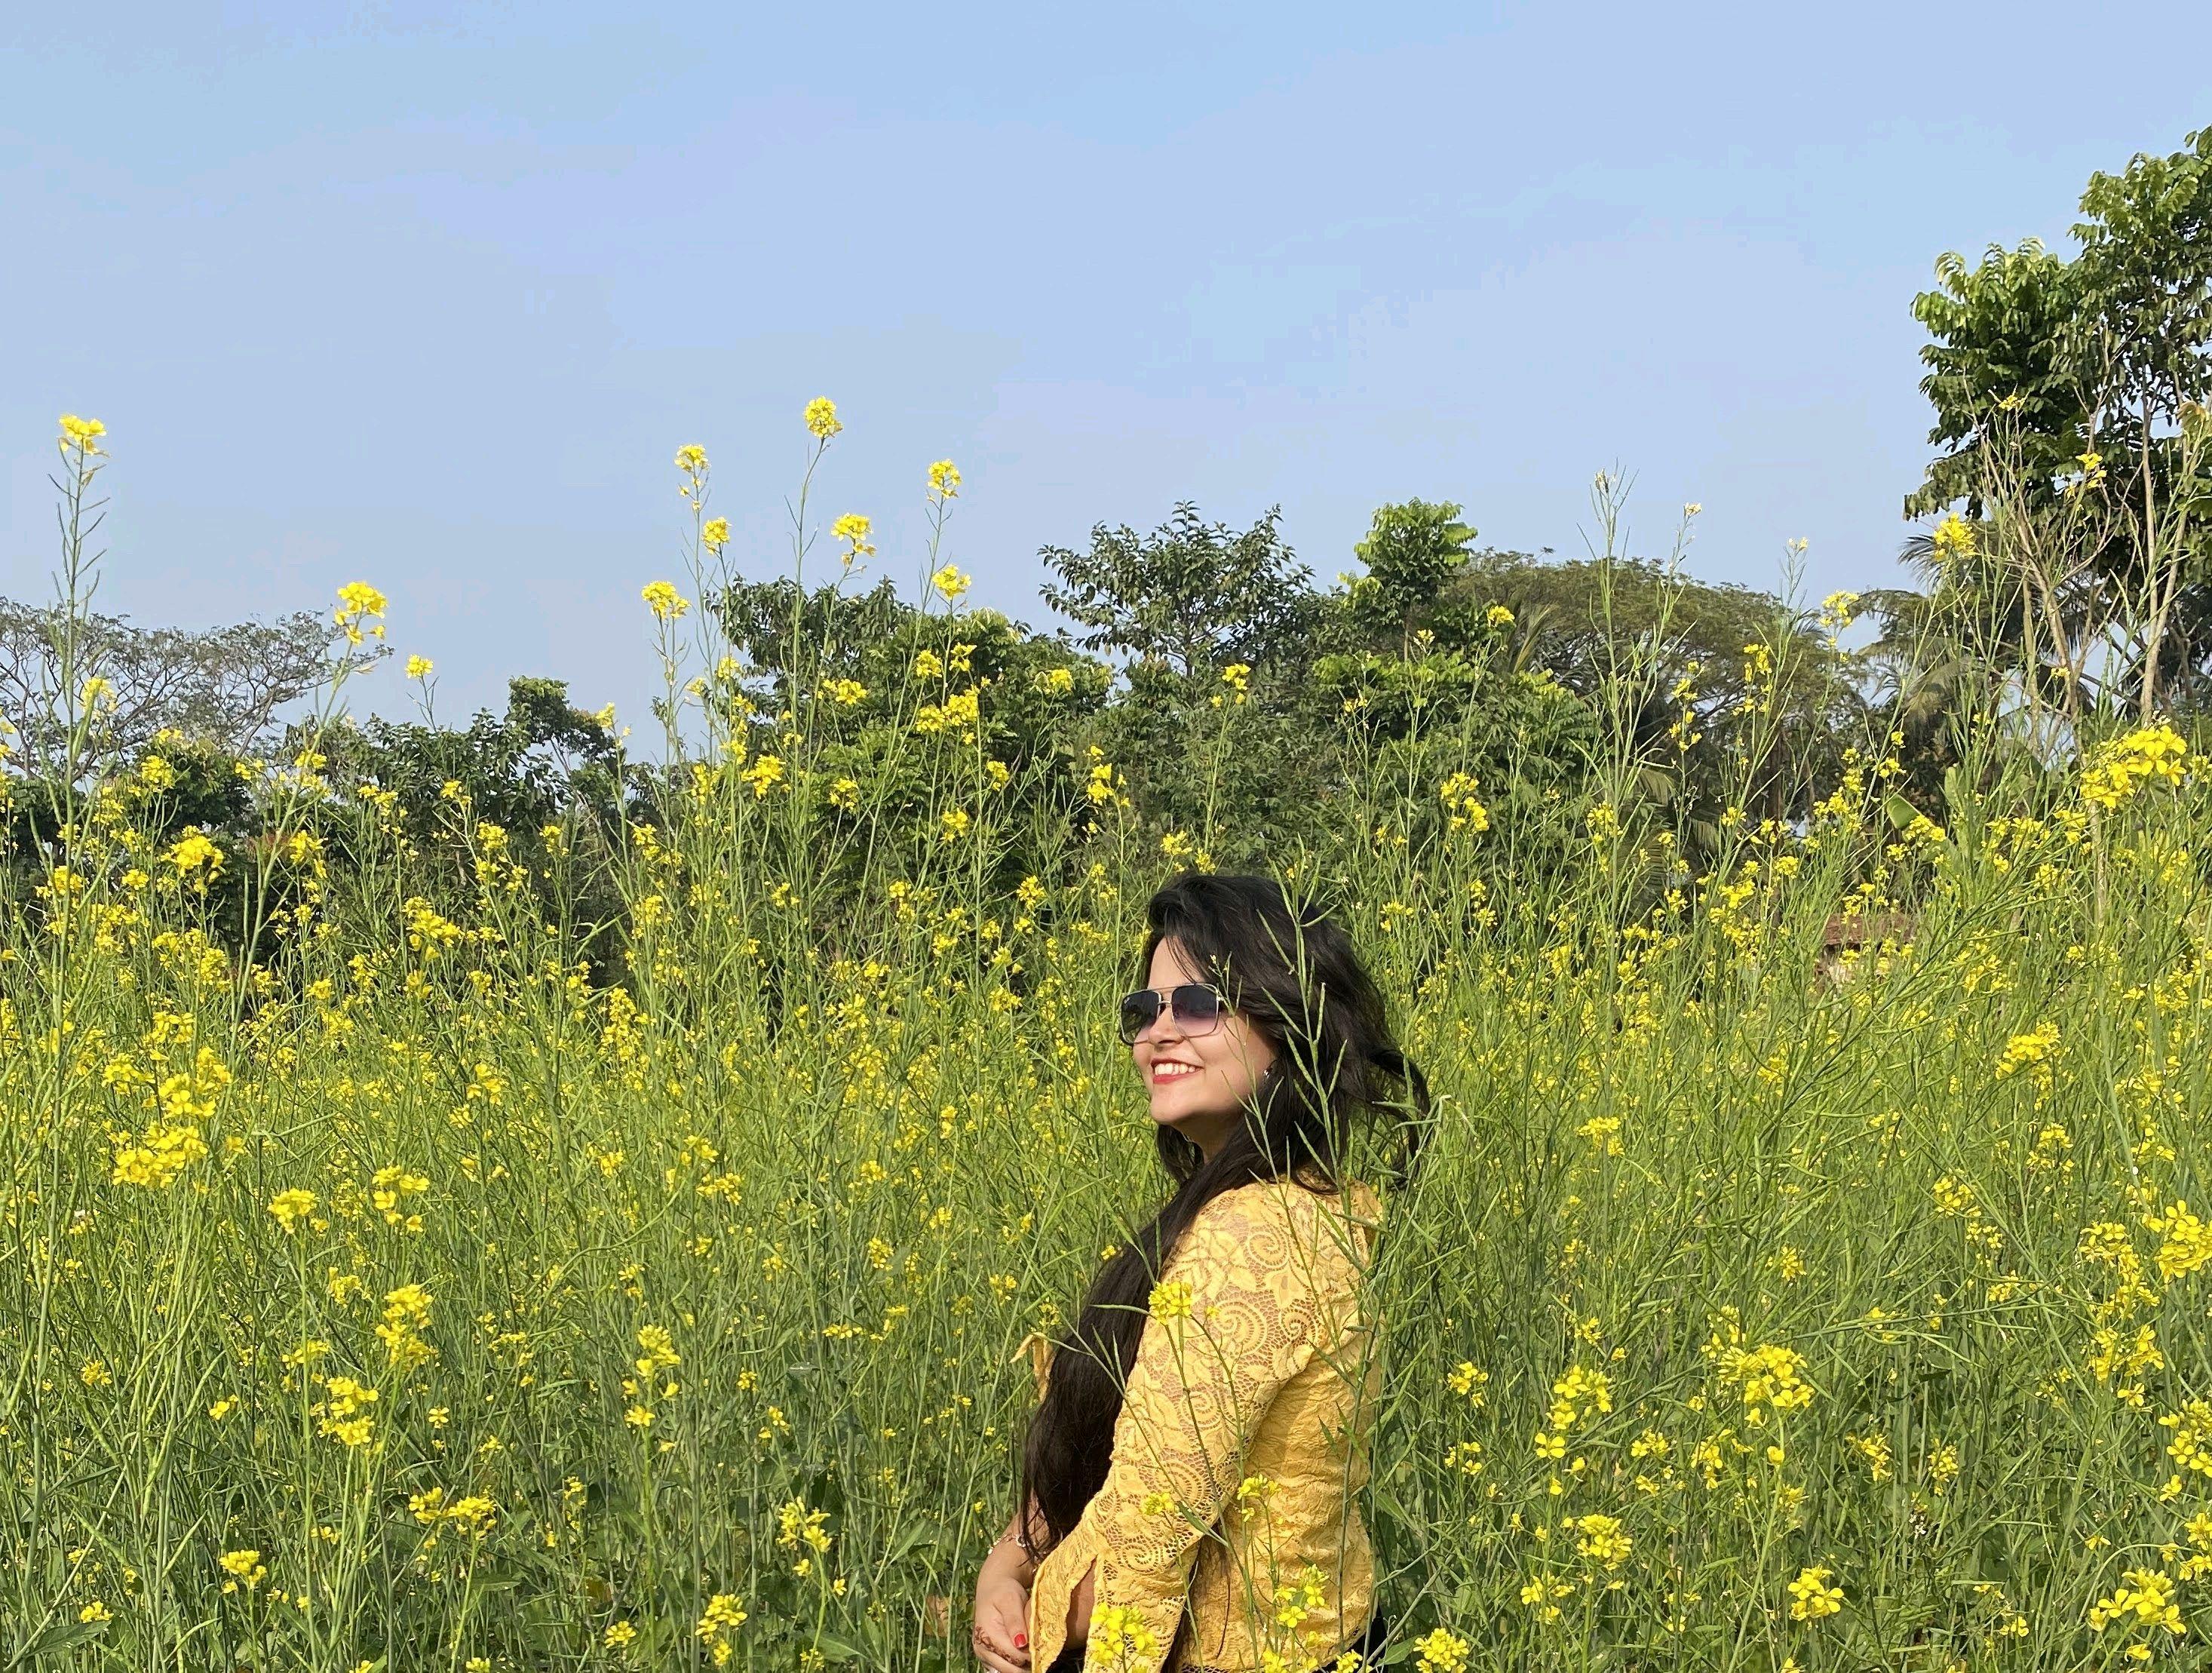 Uploaded by @Sneharakshit511